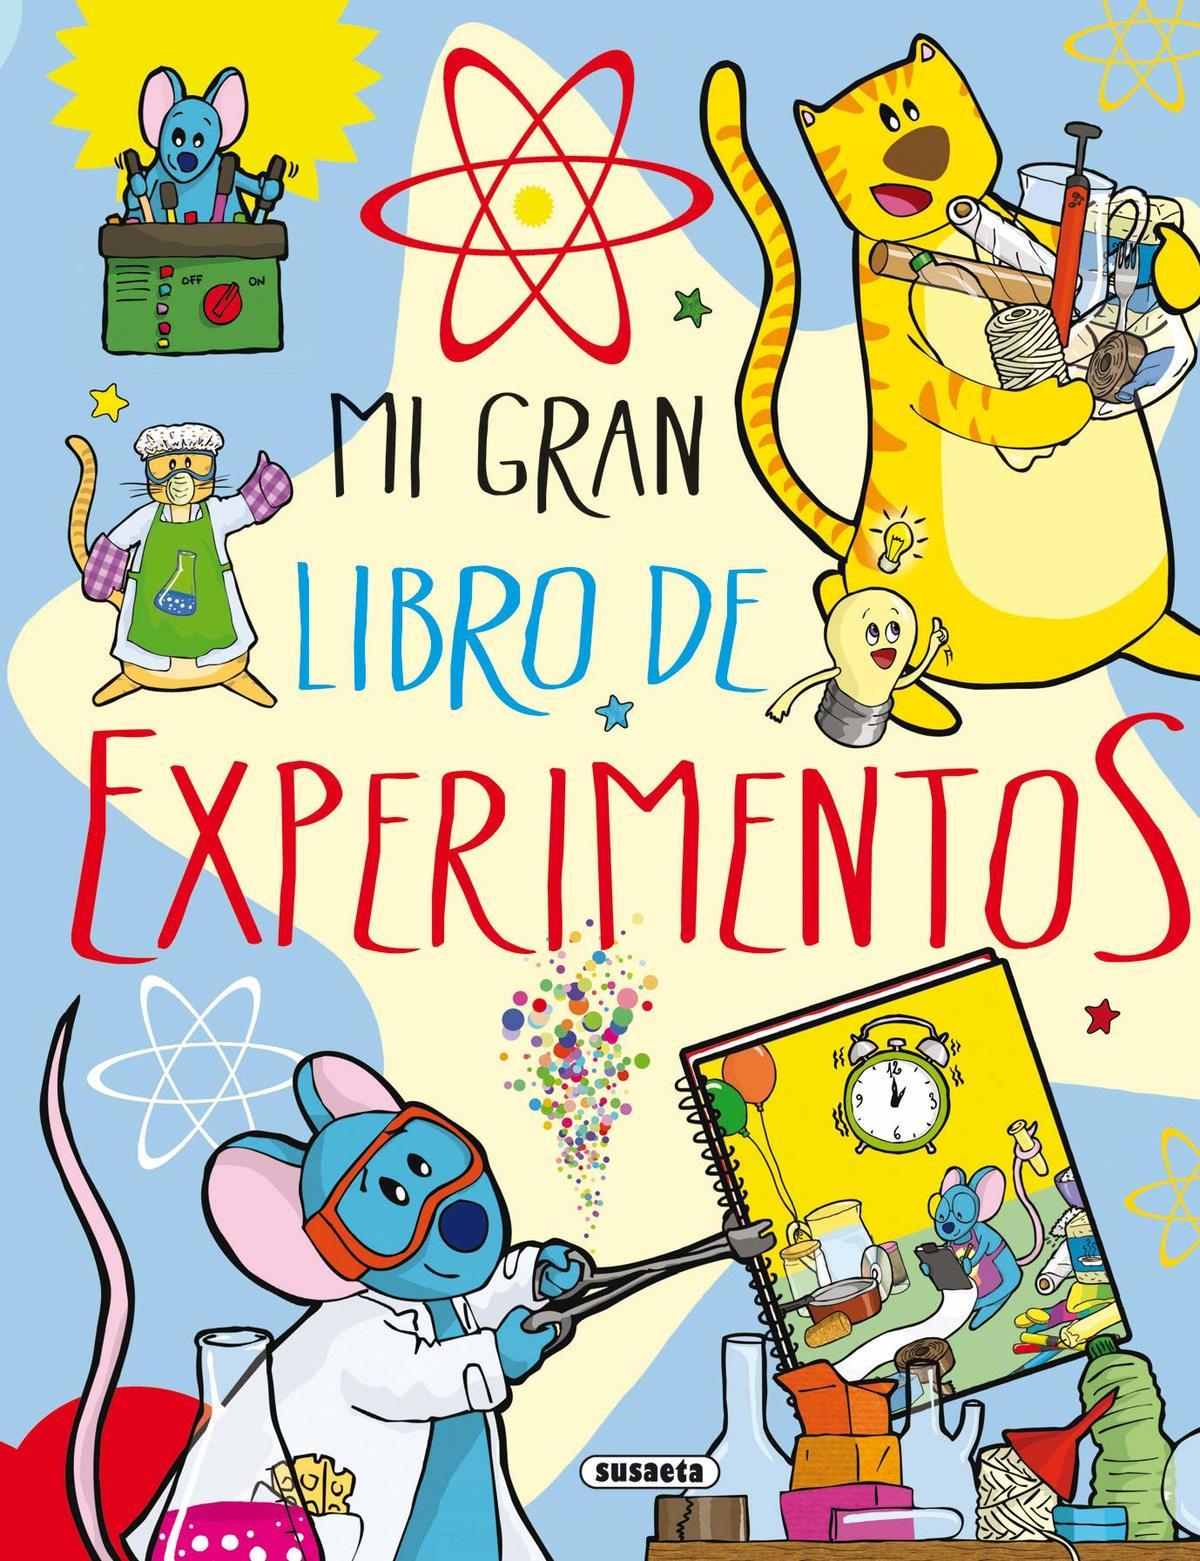 Ciencia - Mi gran libro de experimentos